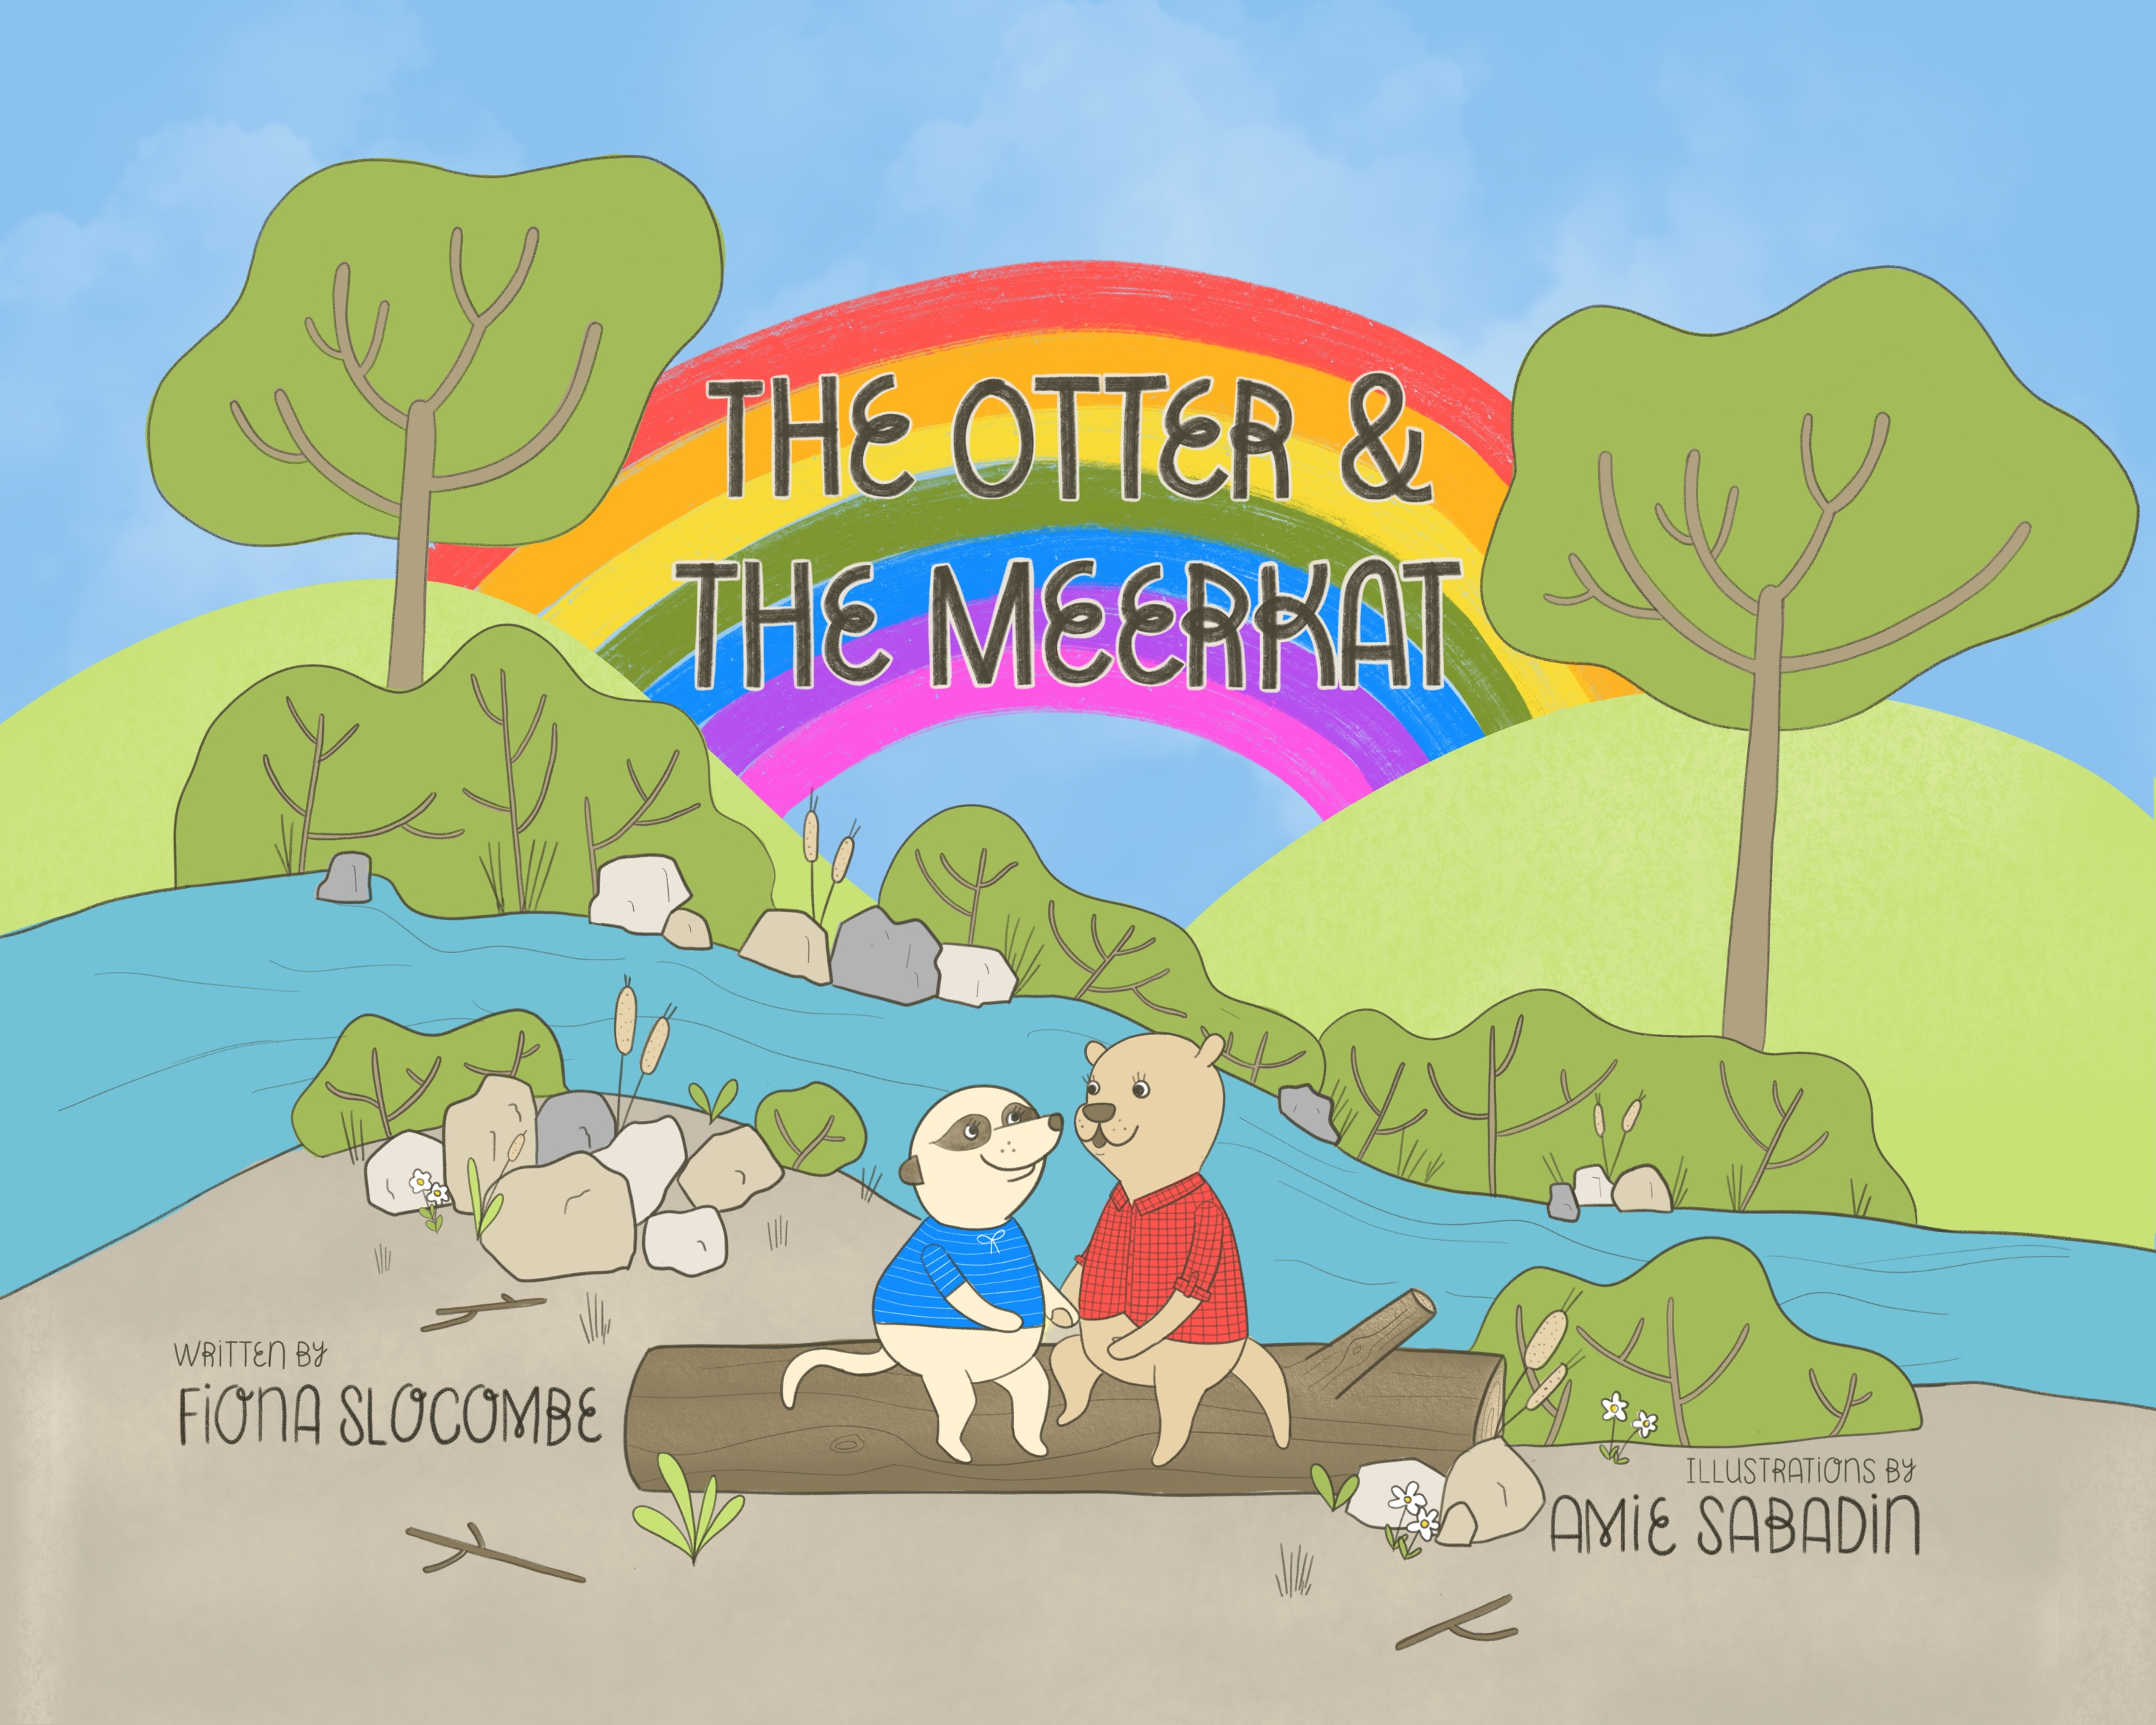 The Otter & the Meerkat